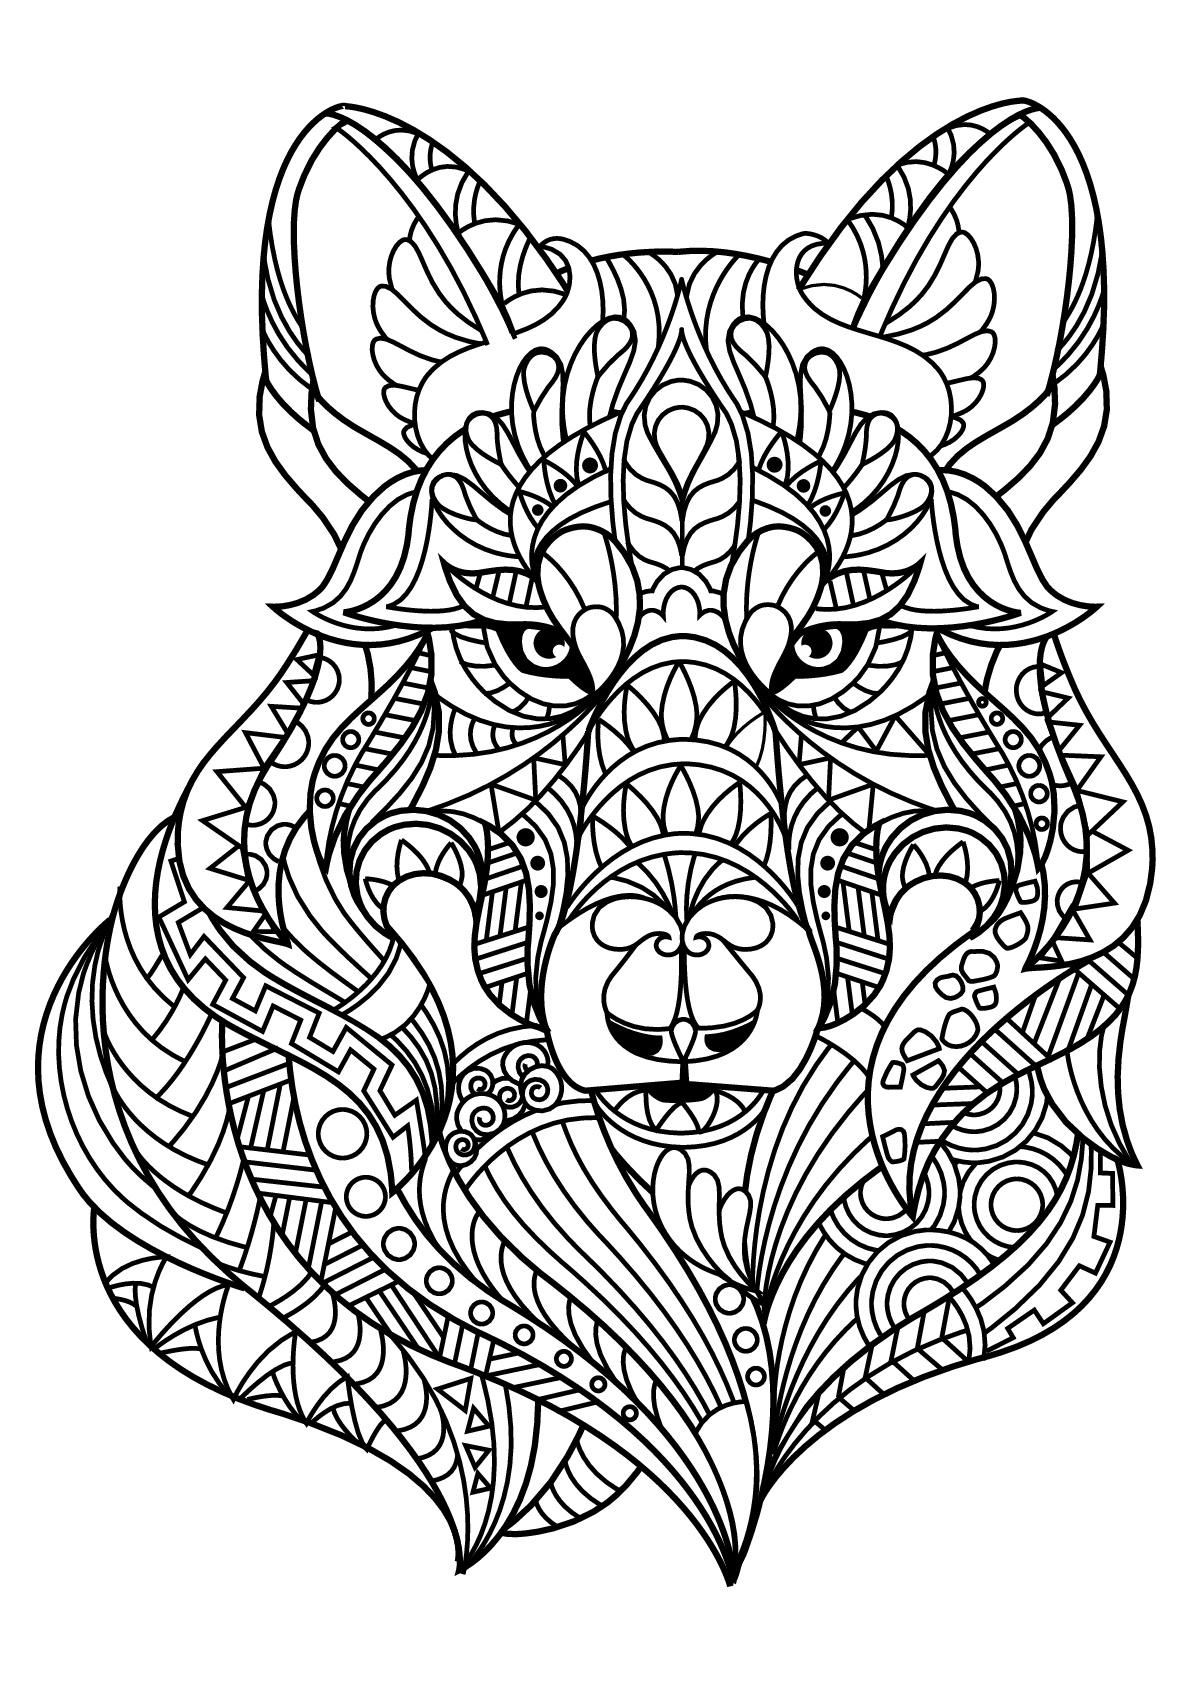 Livre Gratuit Loup - Loups - Coloriages Difficiles Pour intérieur Livre De Coloriage Adulte